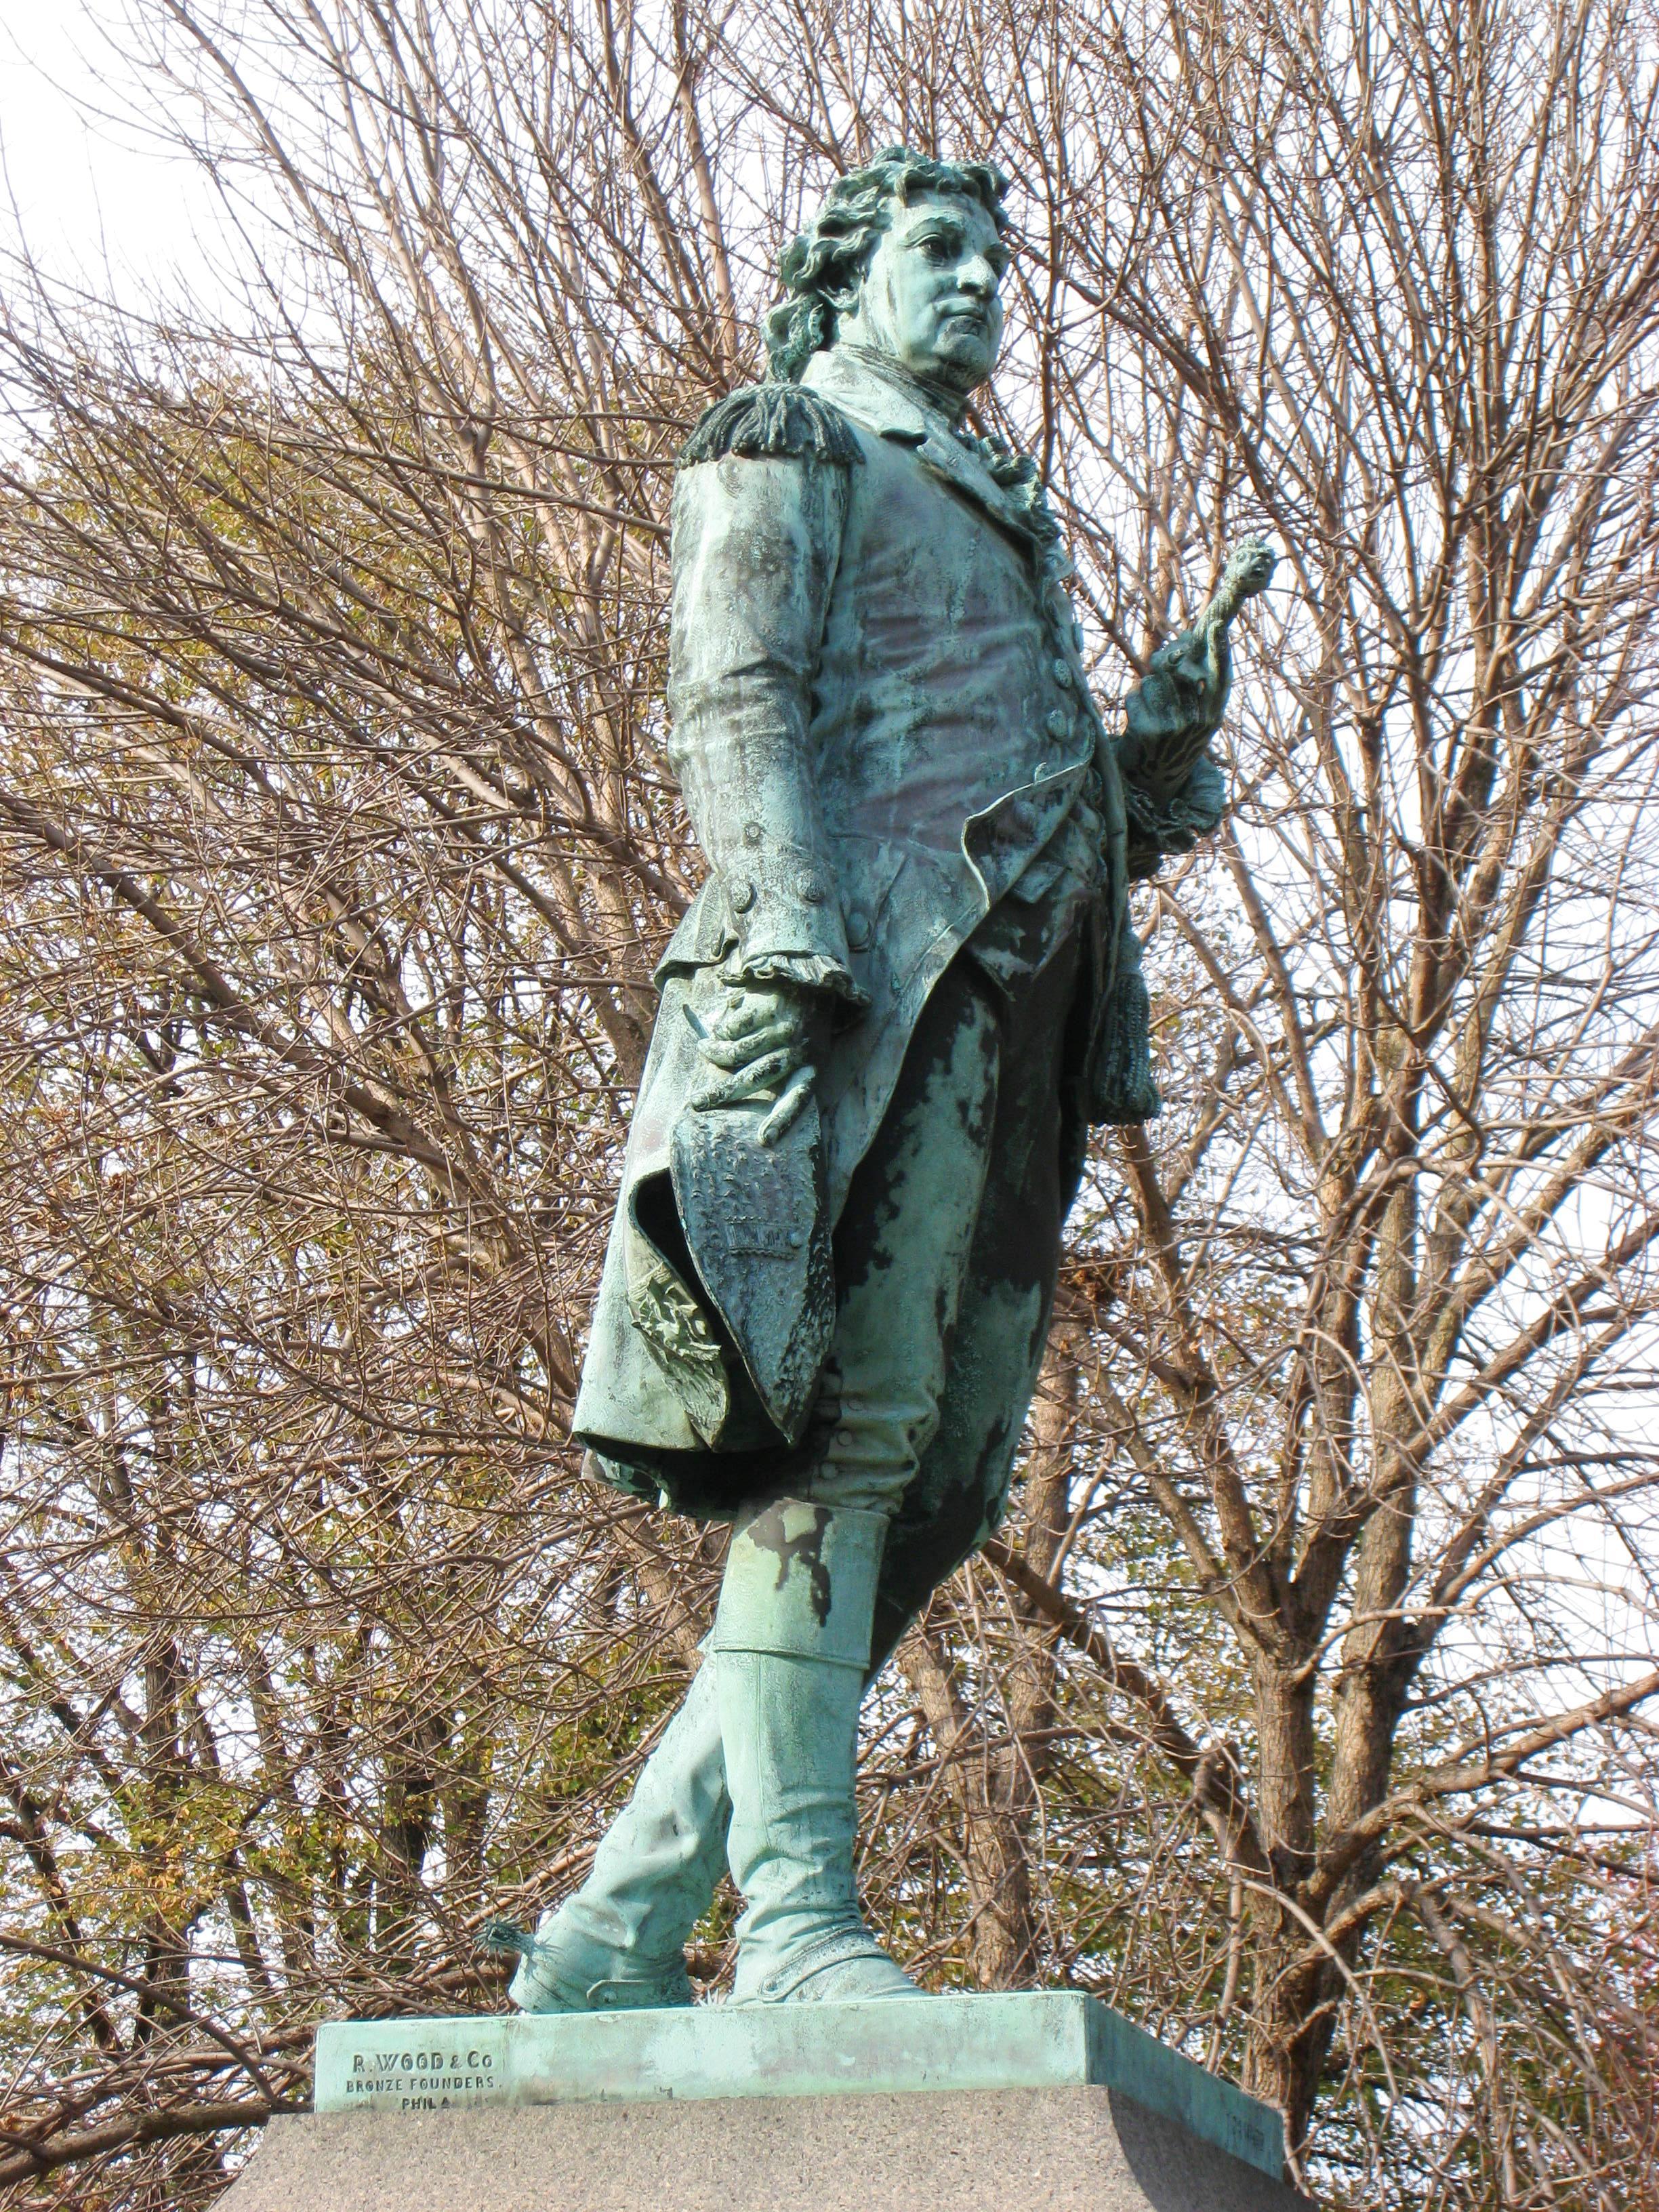 The Hartford At Work >> File:Israel Putnam statue - Bushnell Park, Hartford, CT ...